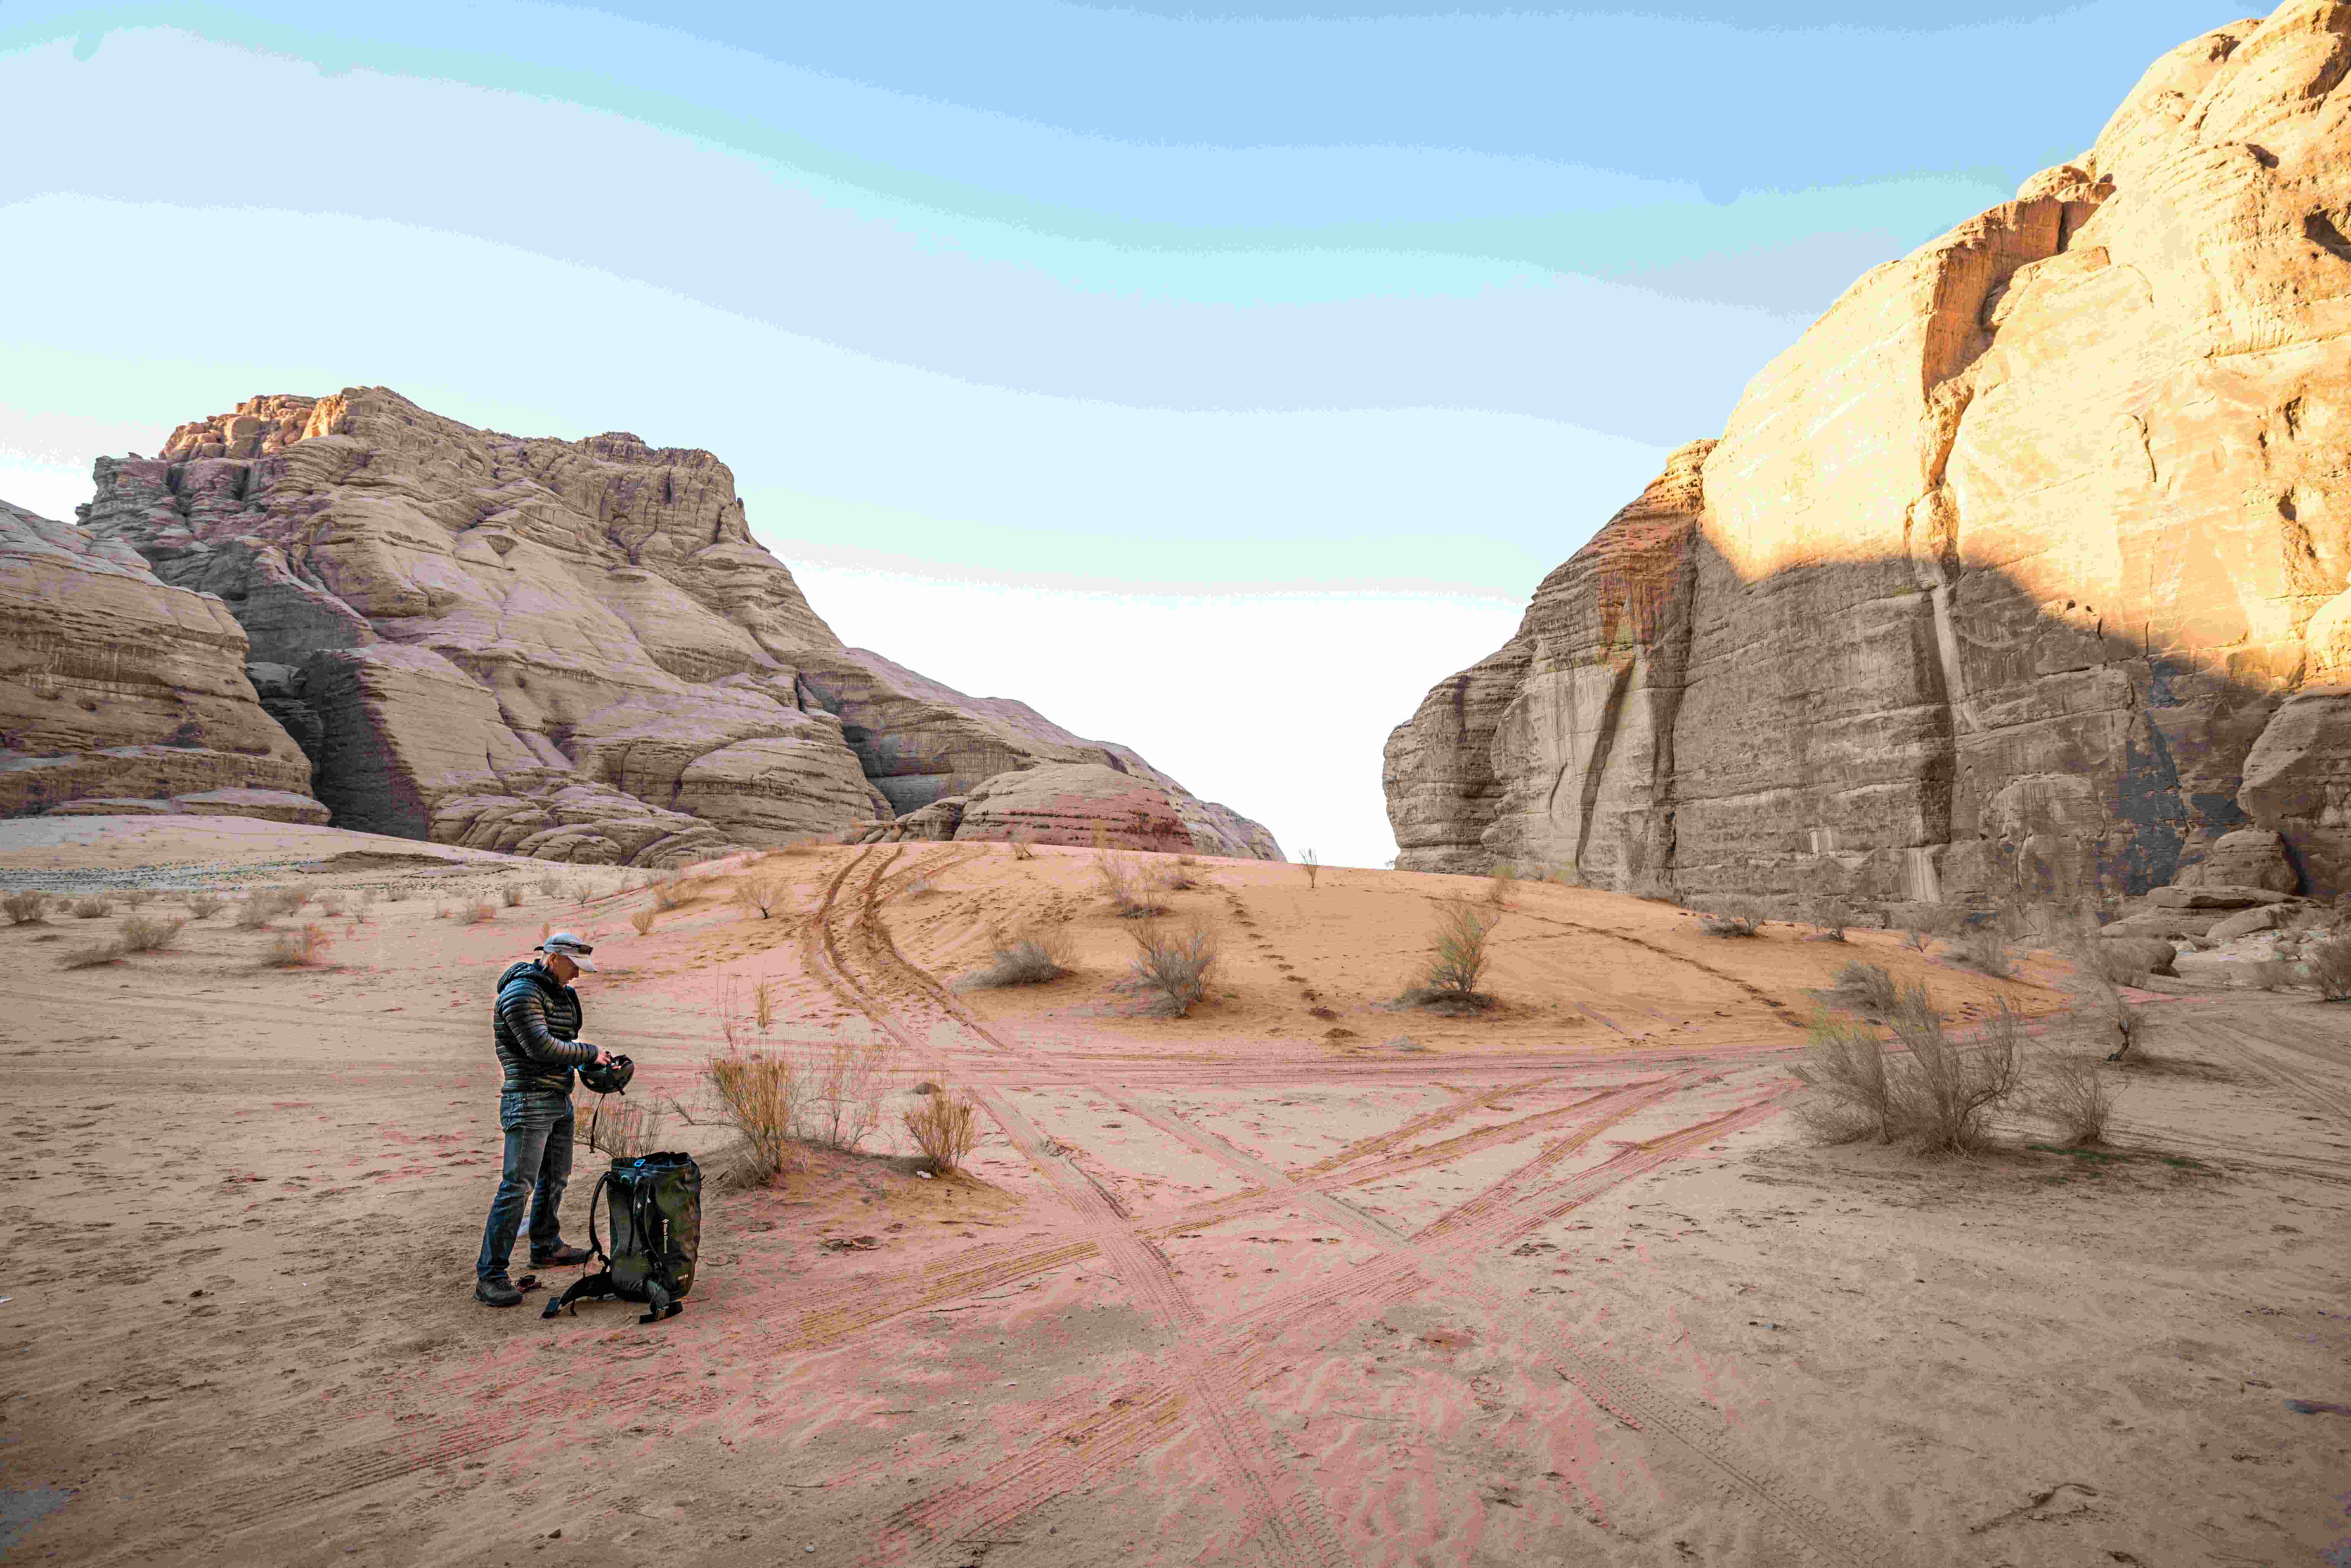 Uno scalatore con uno zaino in piedi in primo piano con le cime di arenaria sullo sfondo